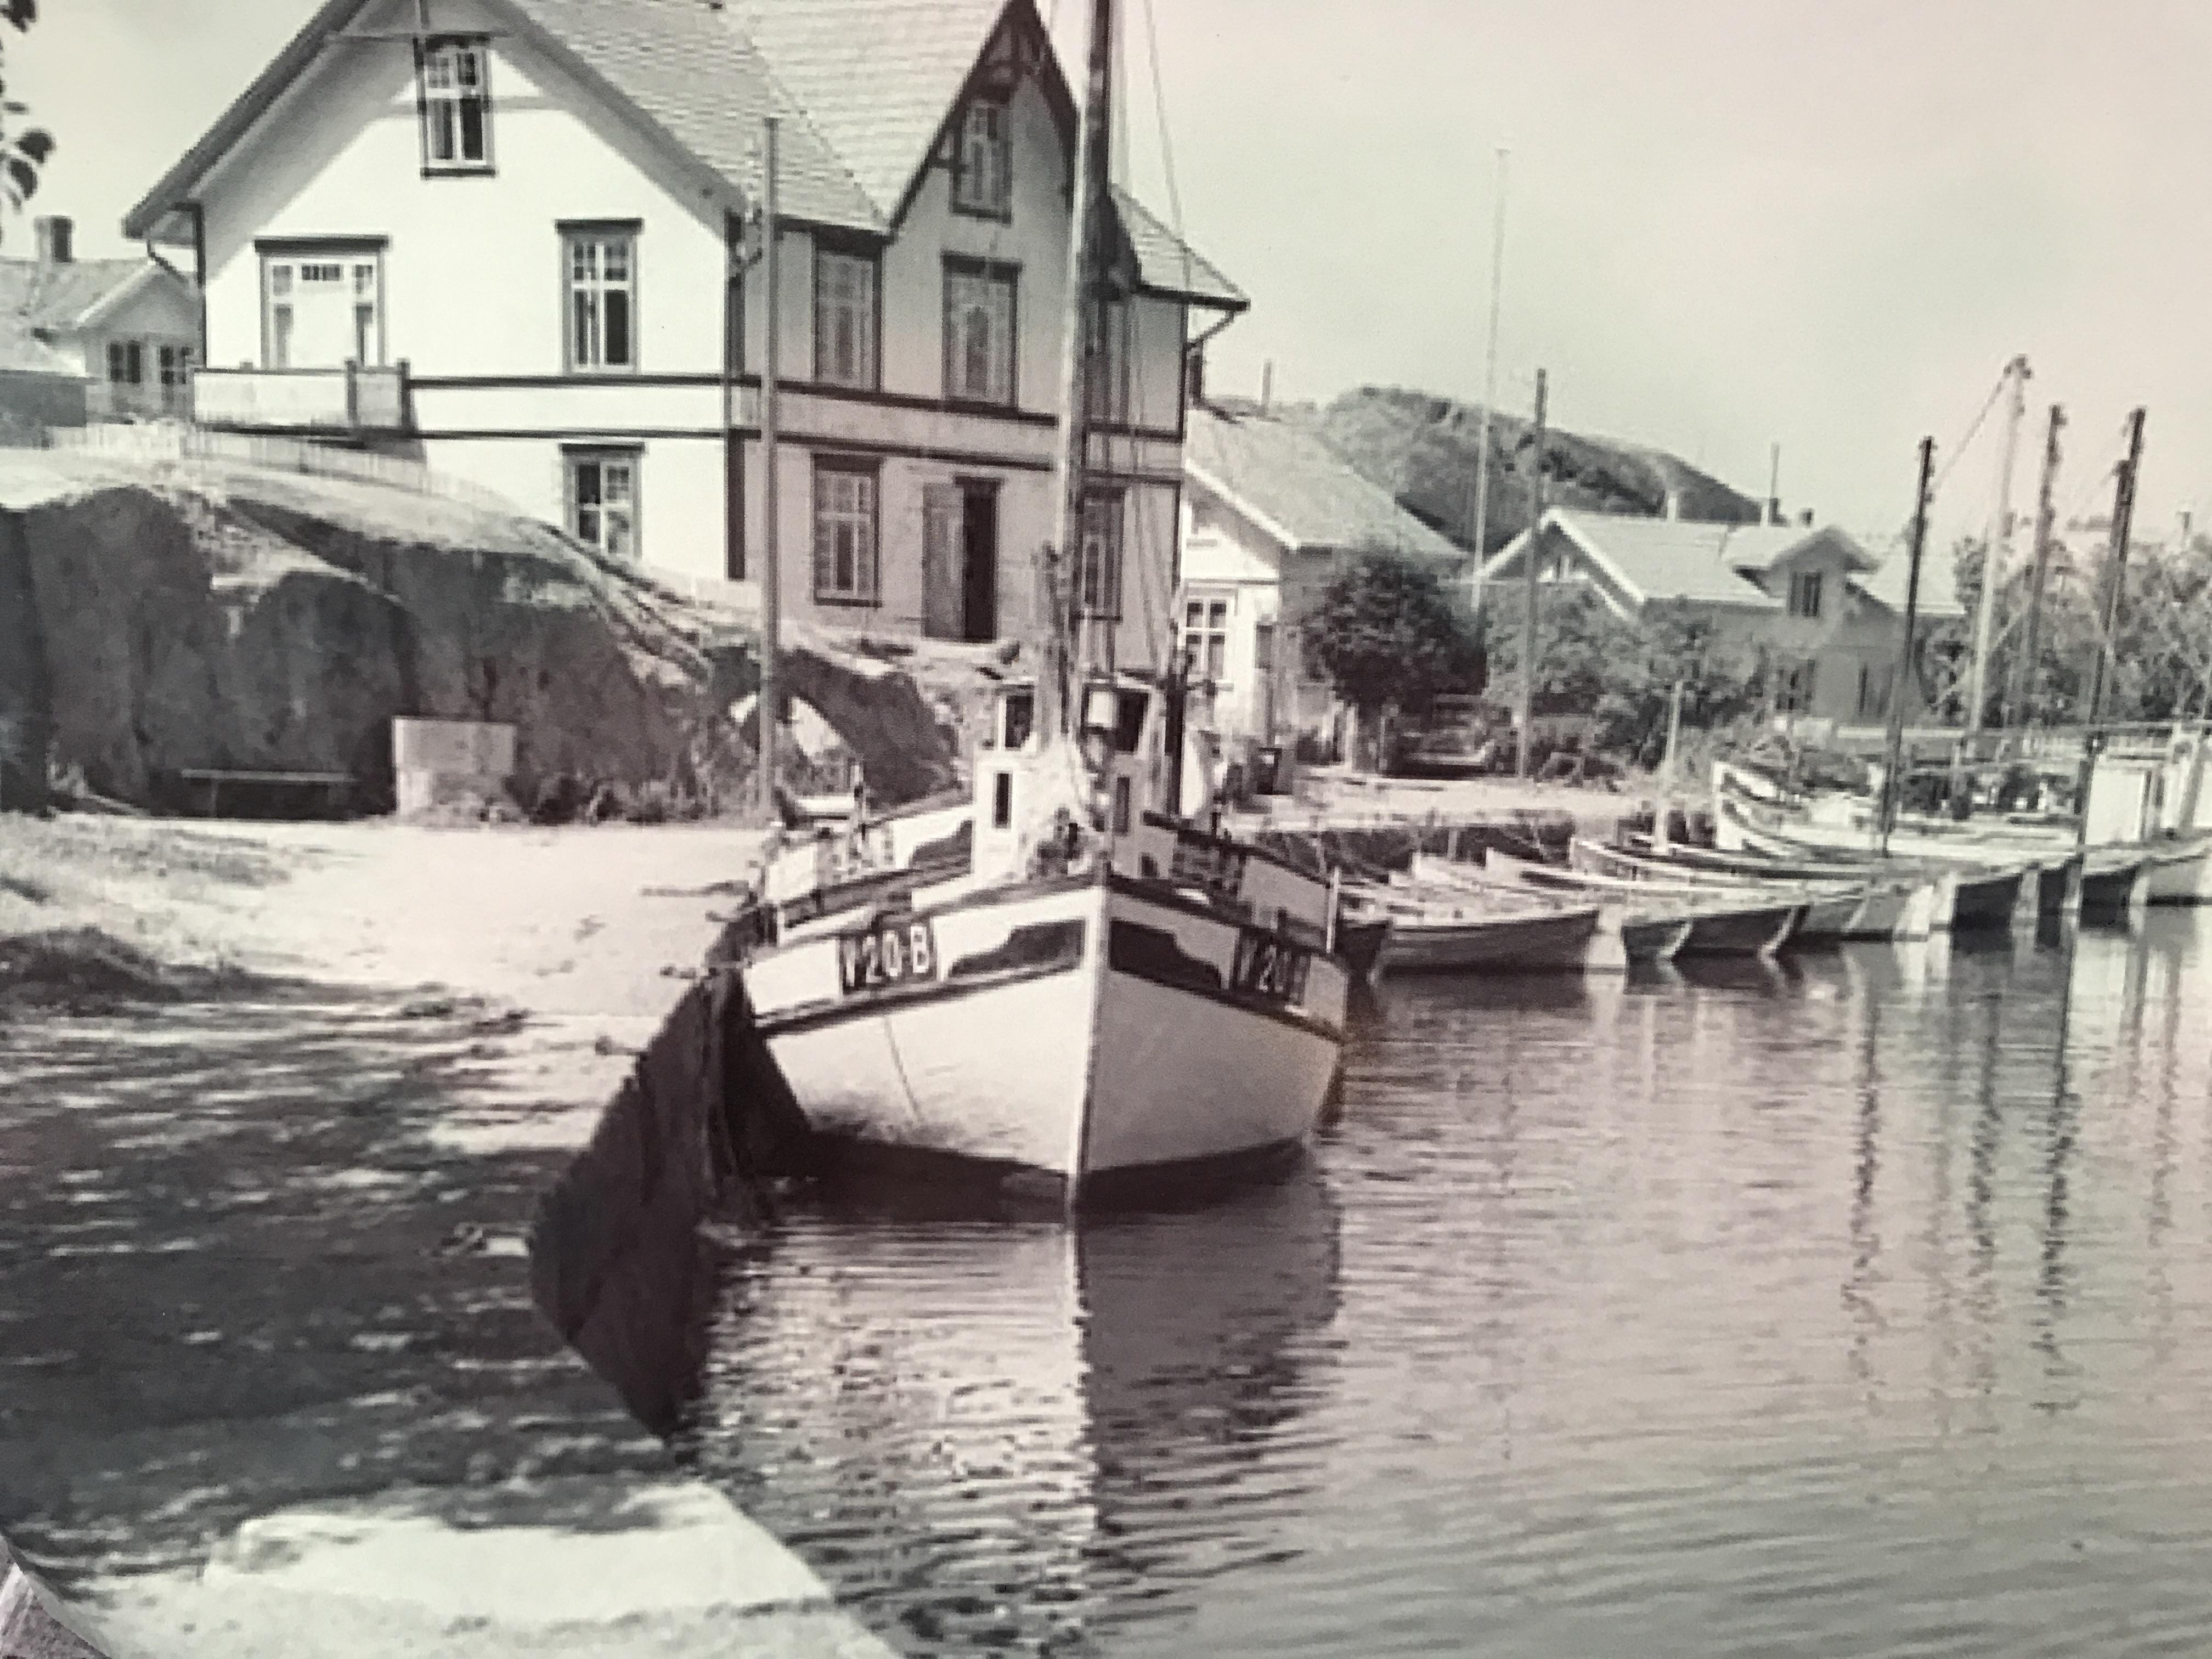 Nevlunghavn indre havn